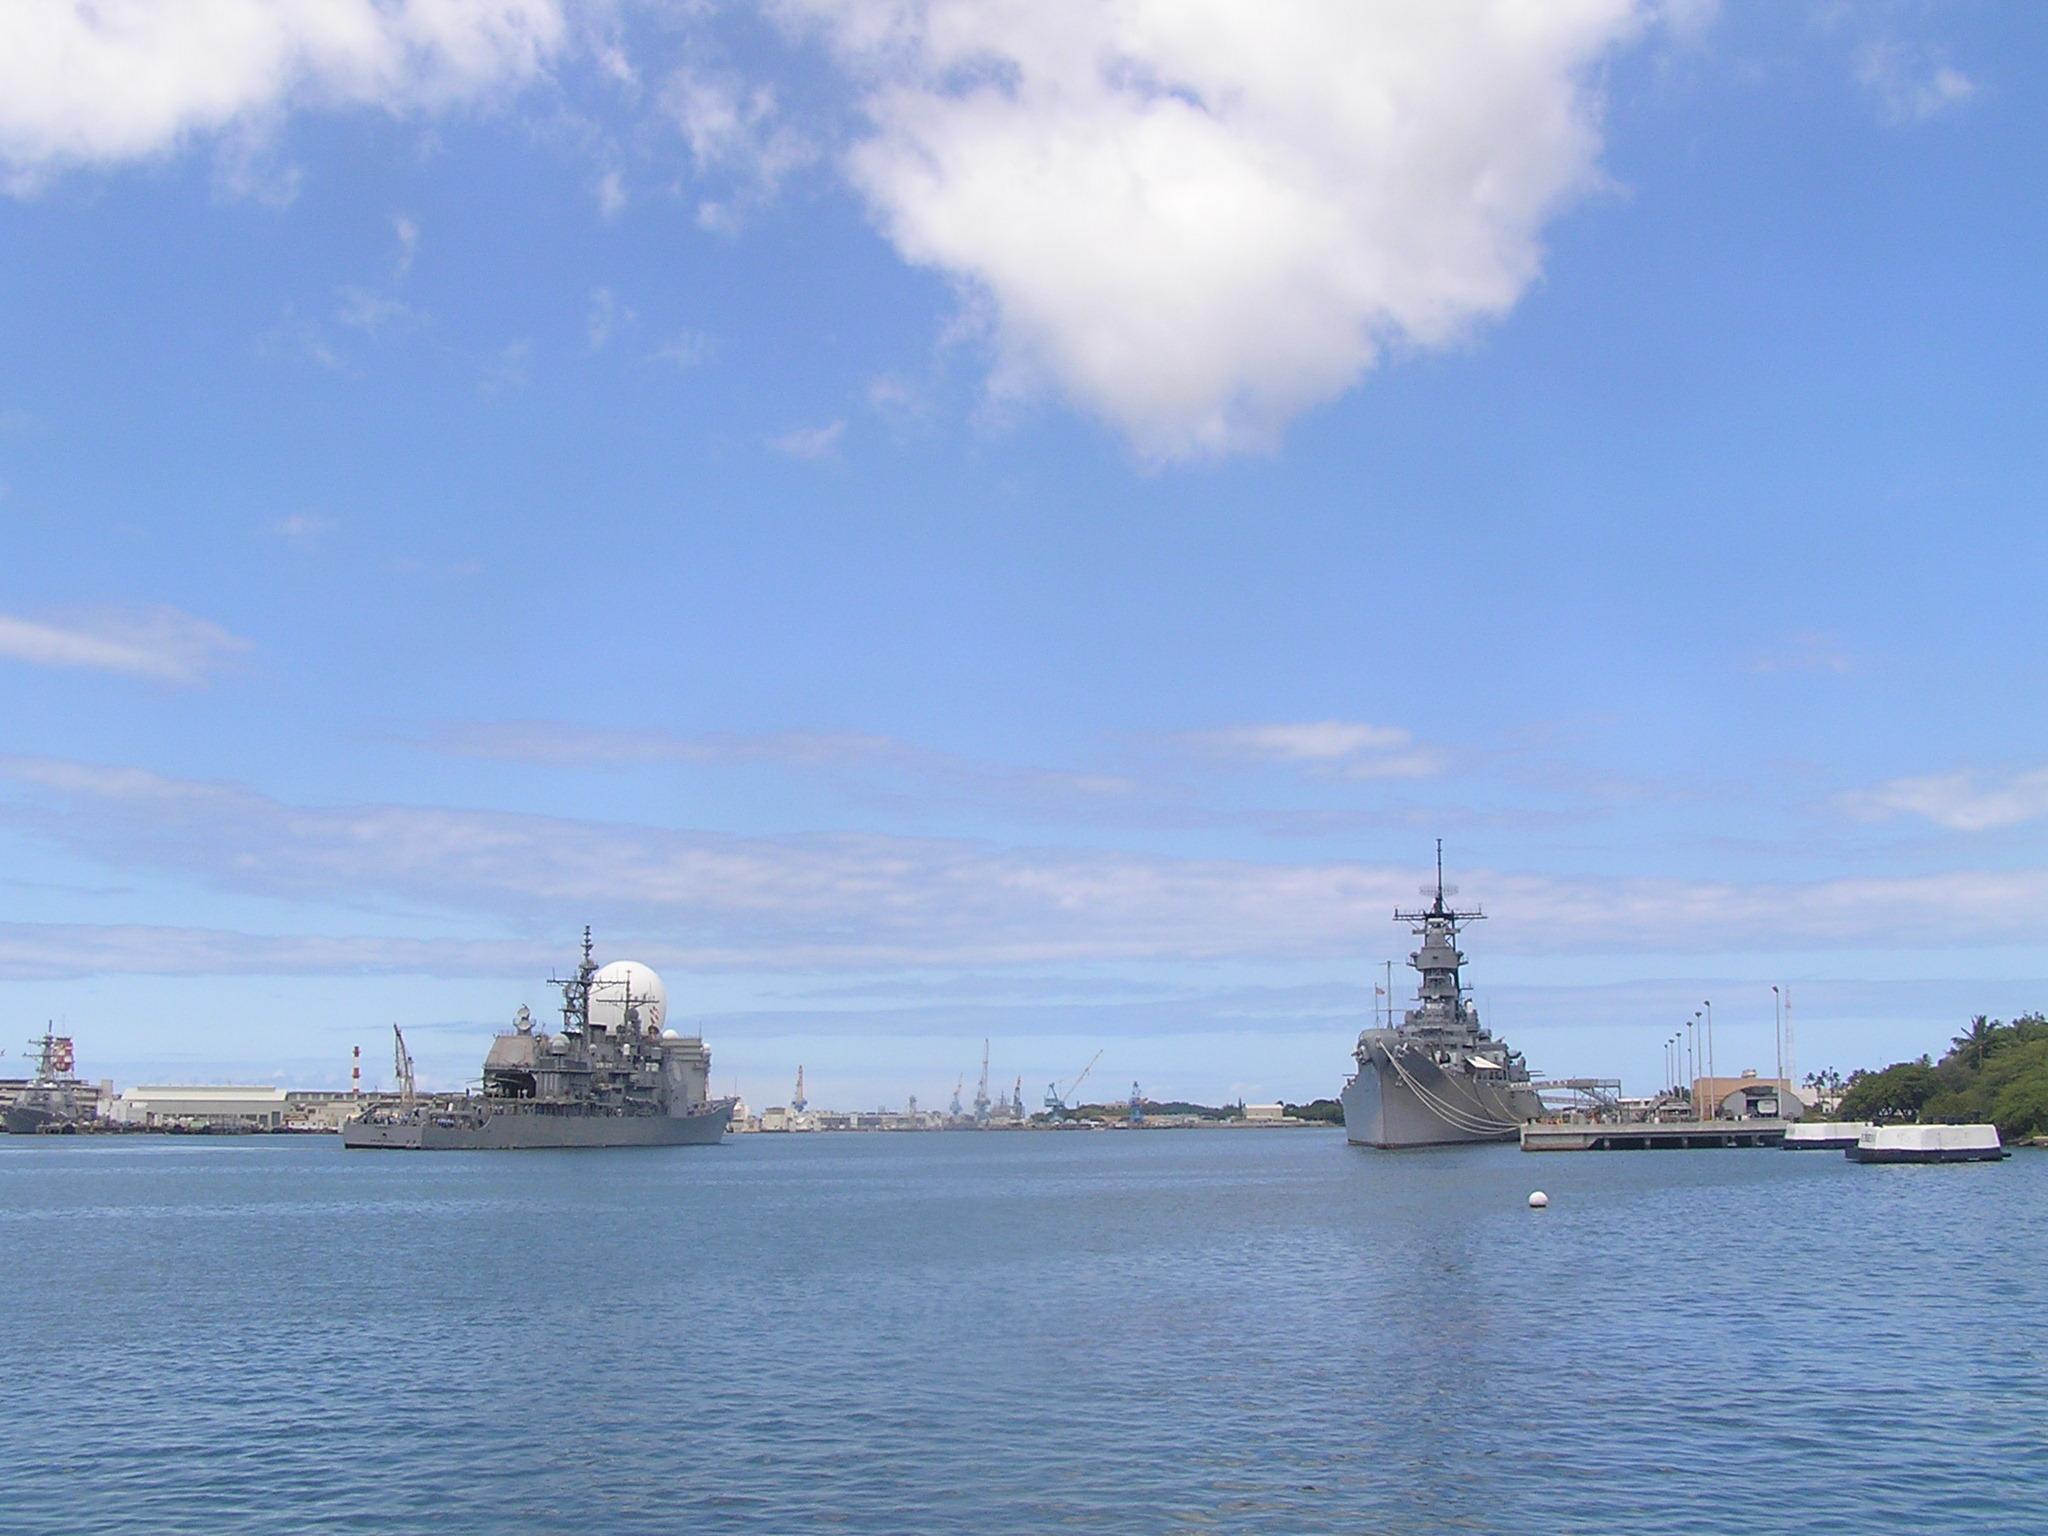 戦艦ミズーリ このミズーリを管理しているのは 民間非営利団体です。 ですので国立で無... ハワ